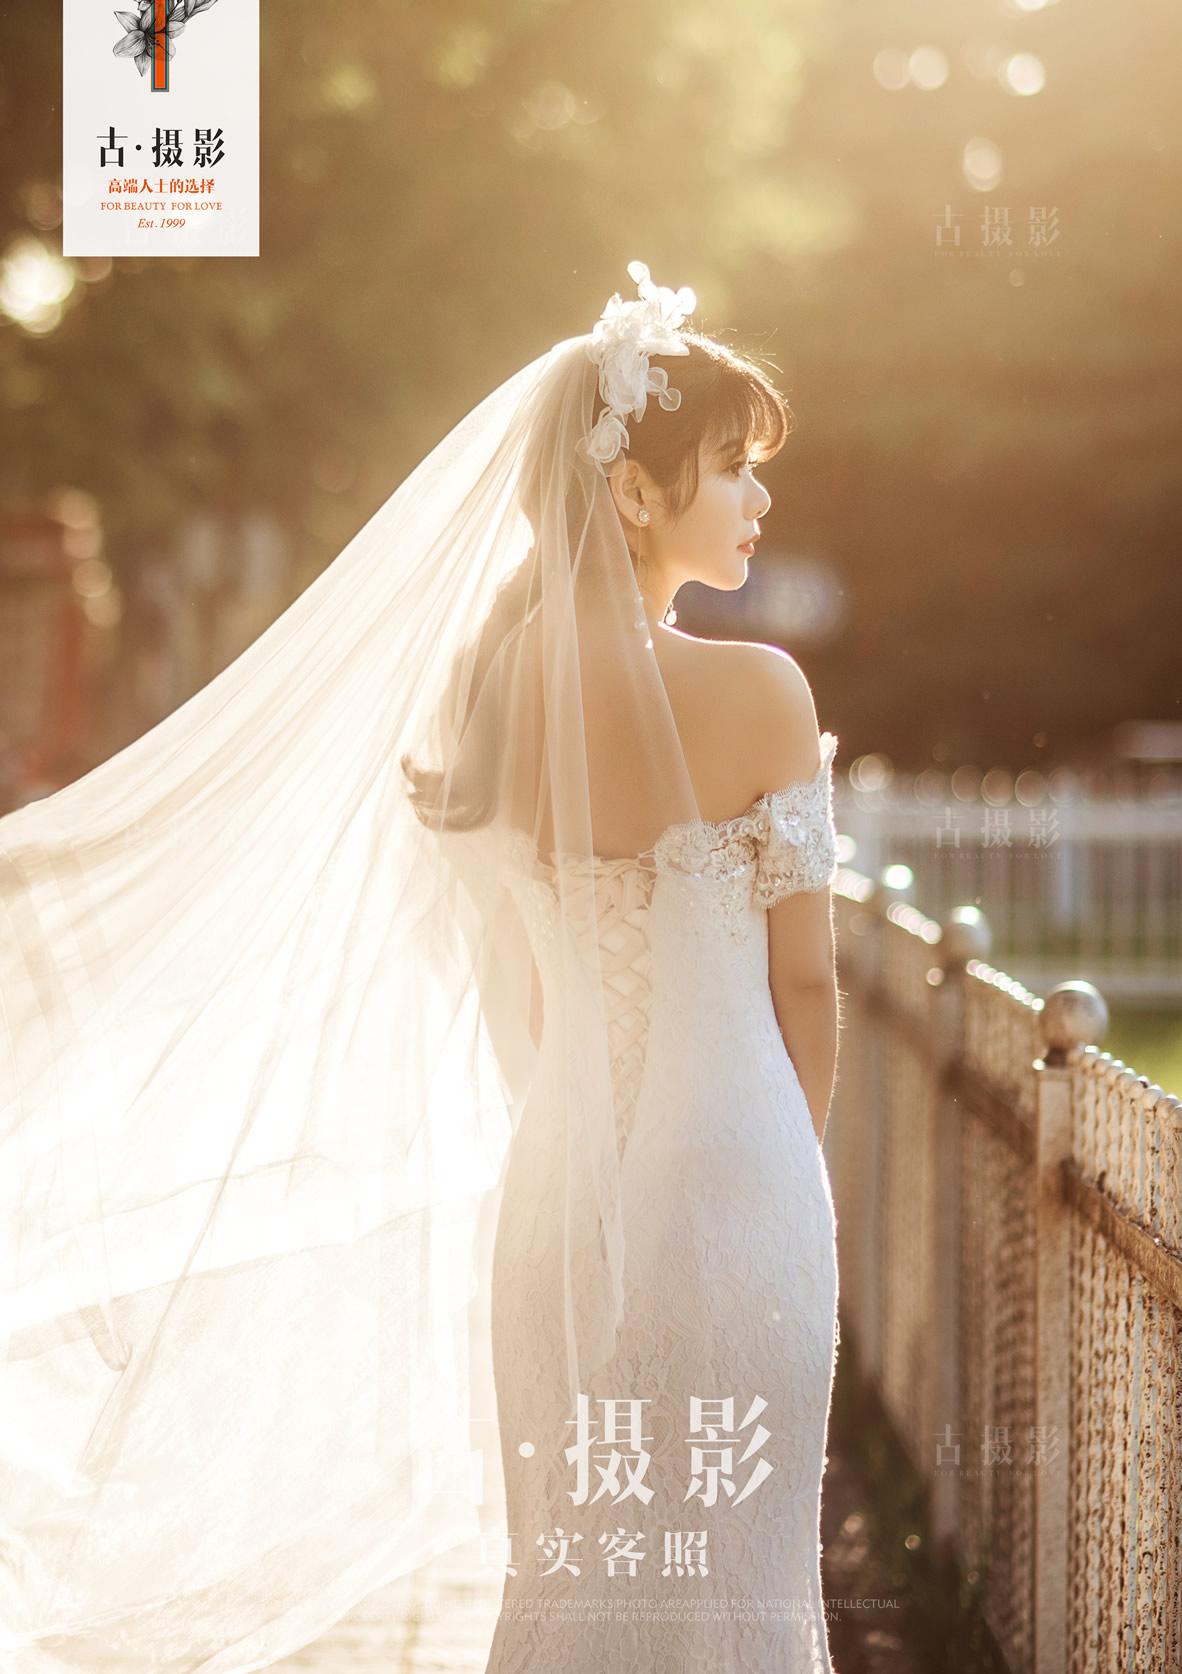 10月4日客片朱小姐夫妇 - 每日客照 - love上海古摄影-上海婚纱摄影网